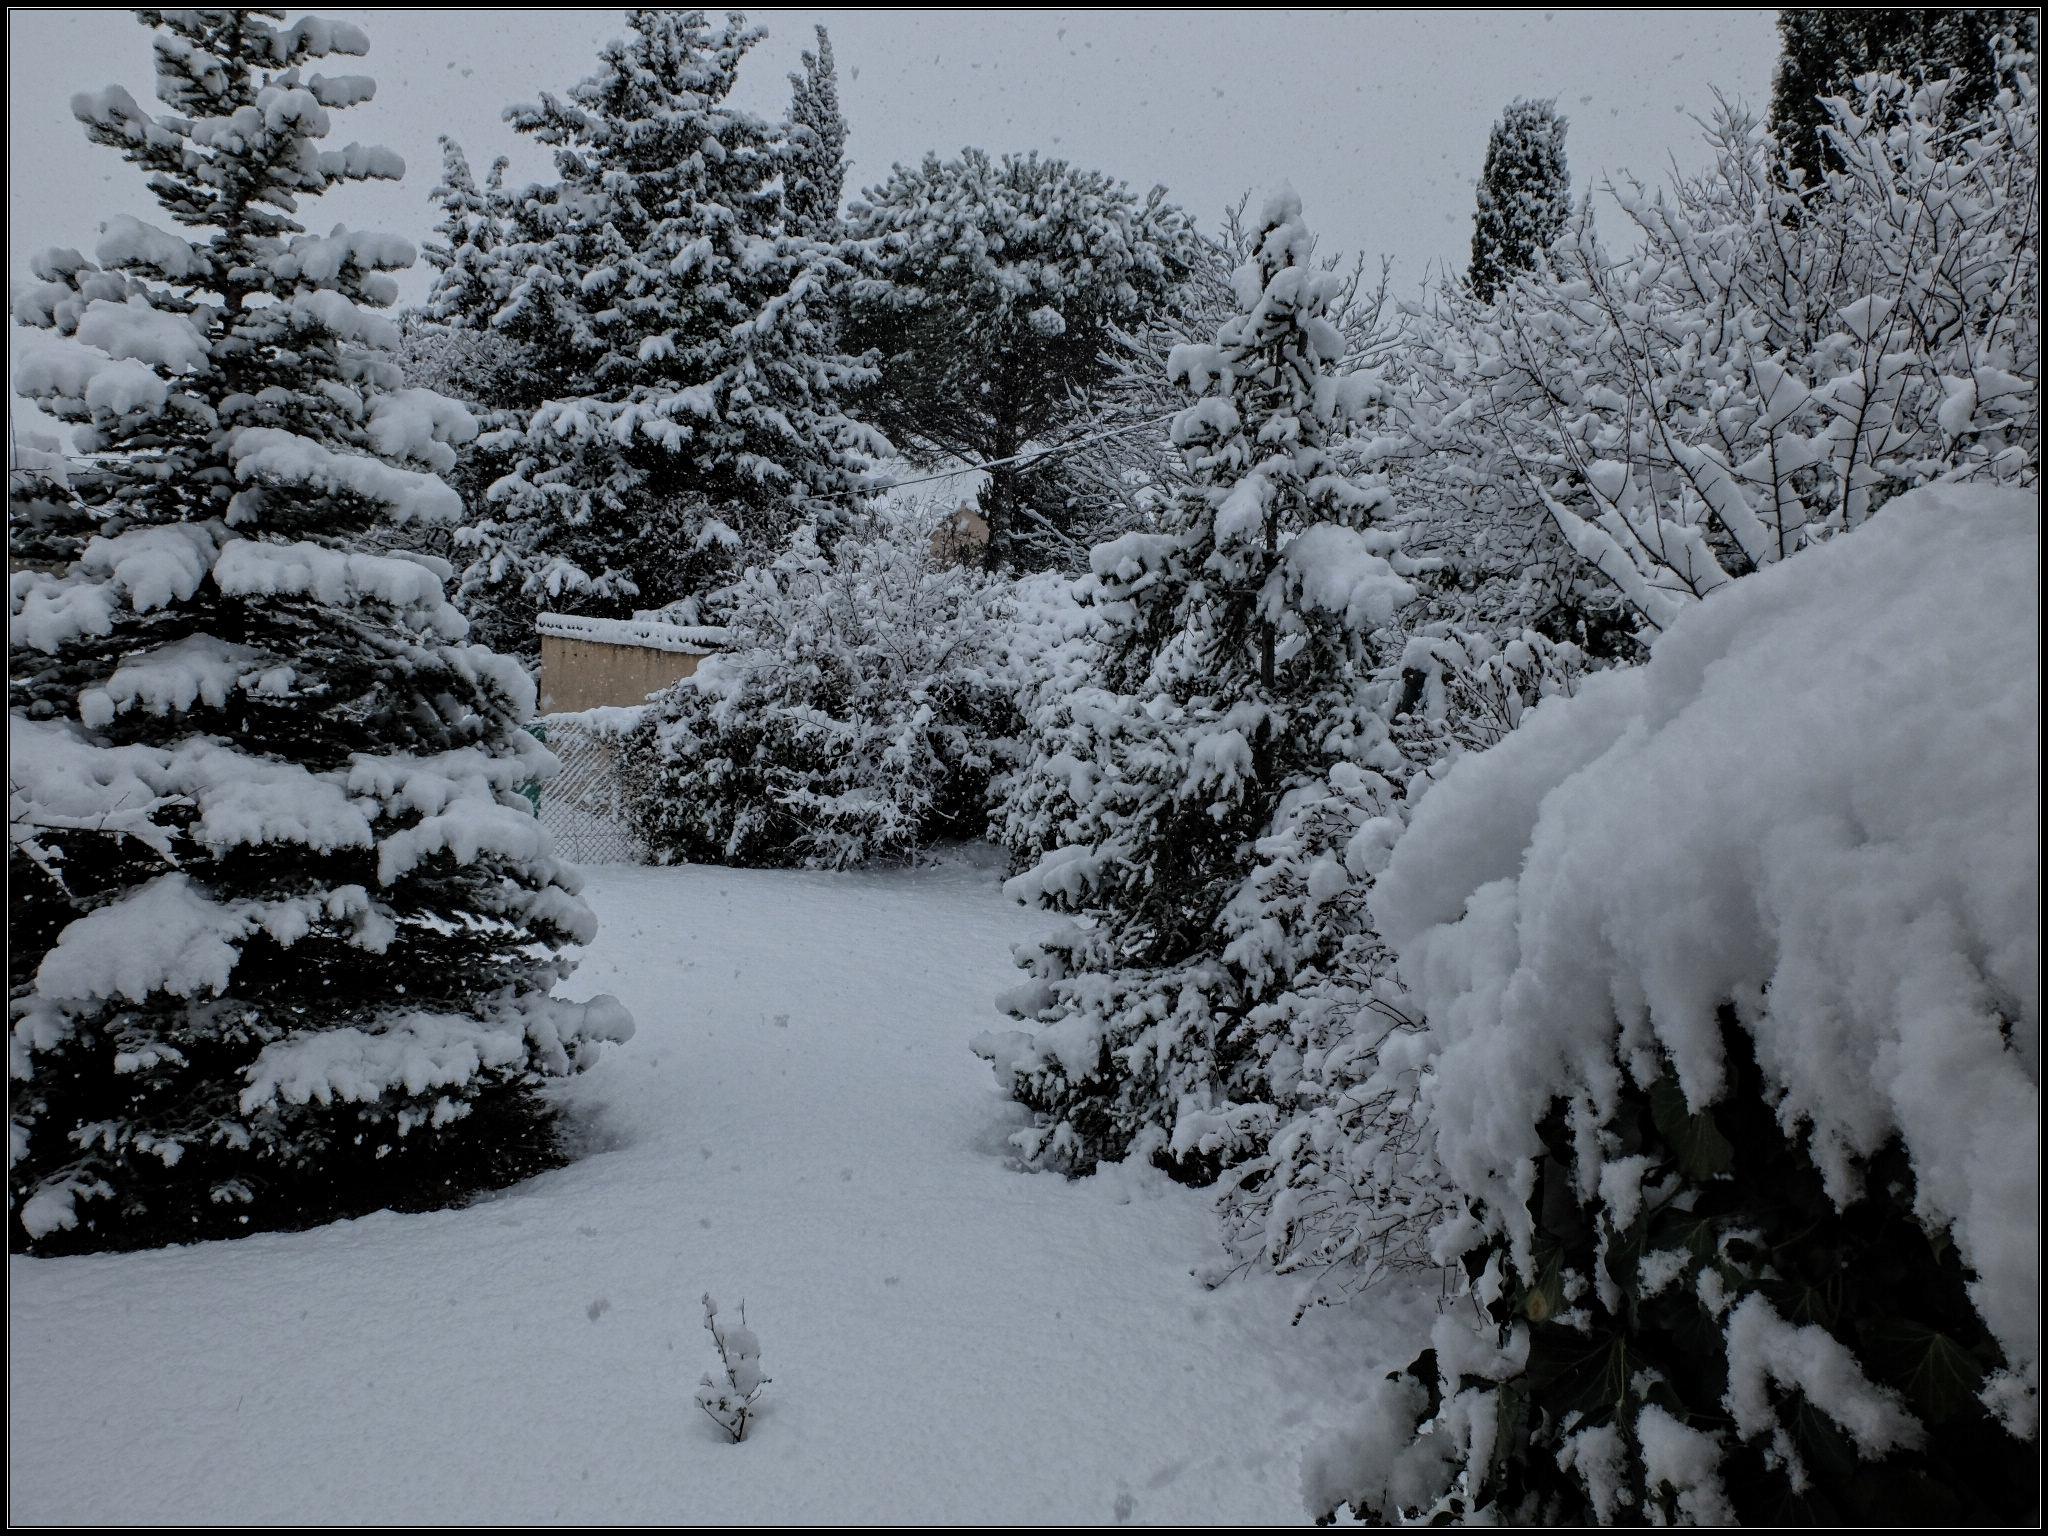 [Image du jour] Le sud sous la neige !